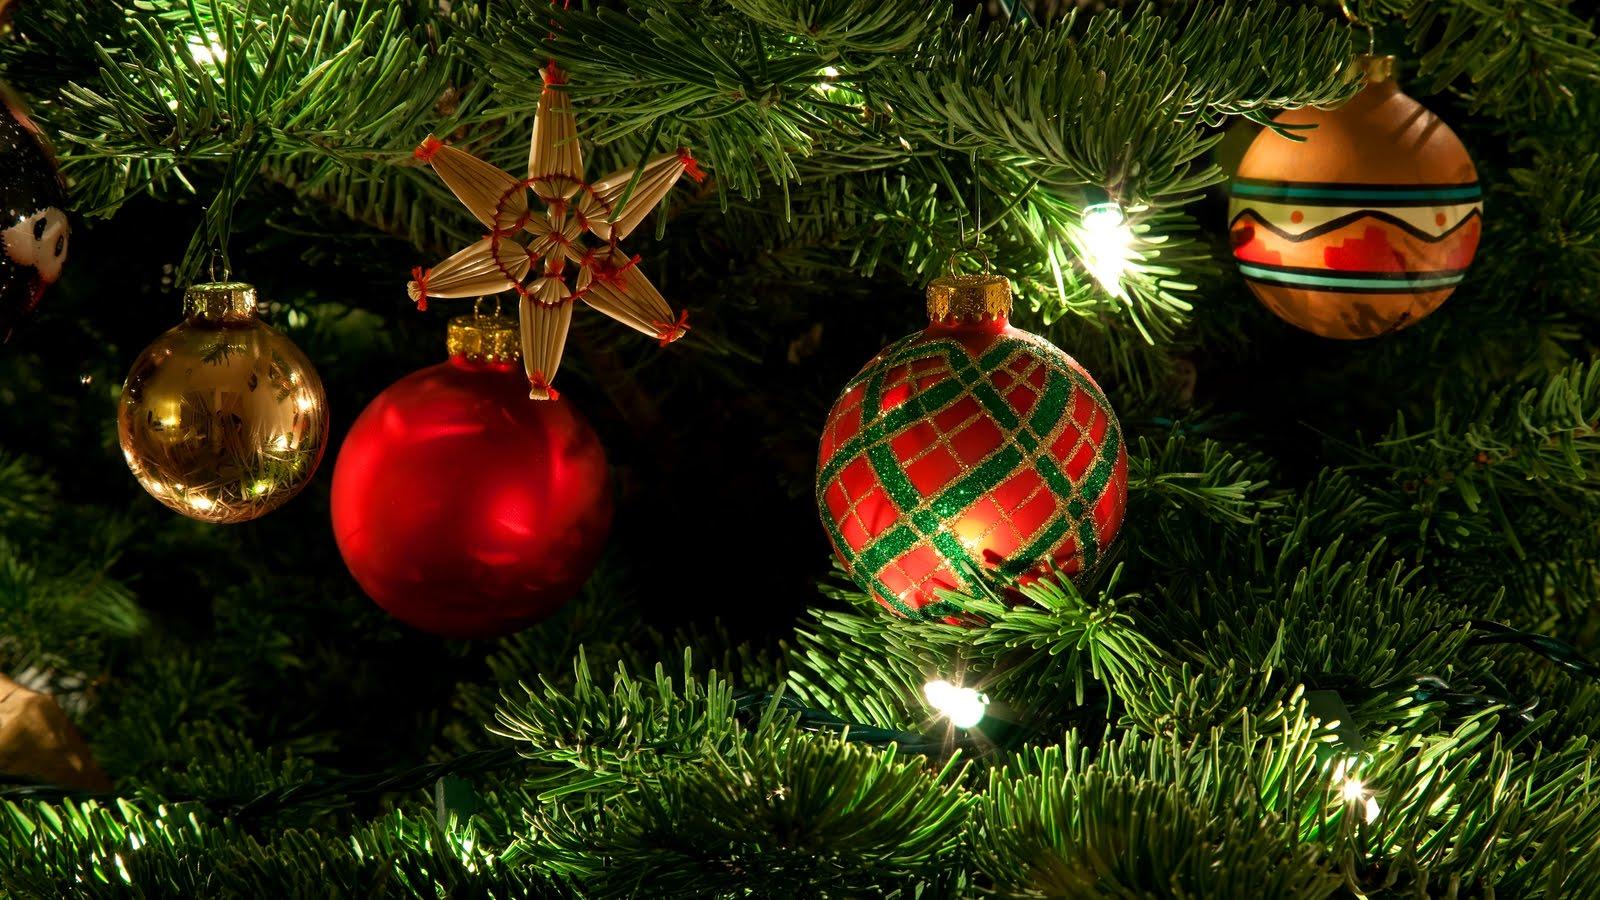 Banco de im genes arbol o pinito de navidad con esferas for Fotos arbol navidad